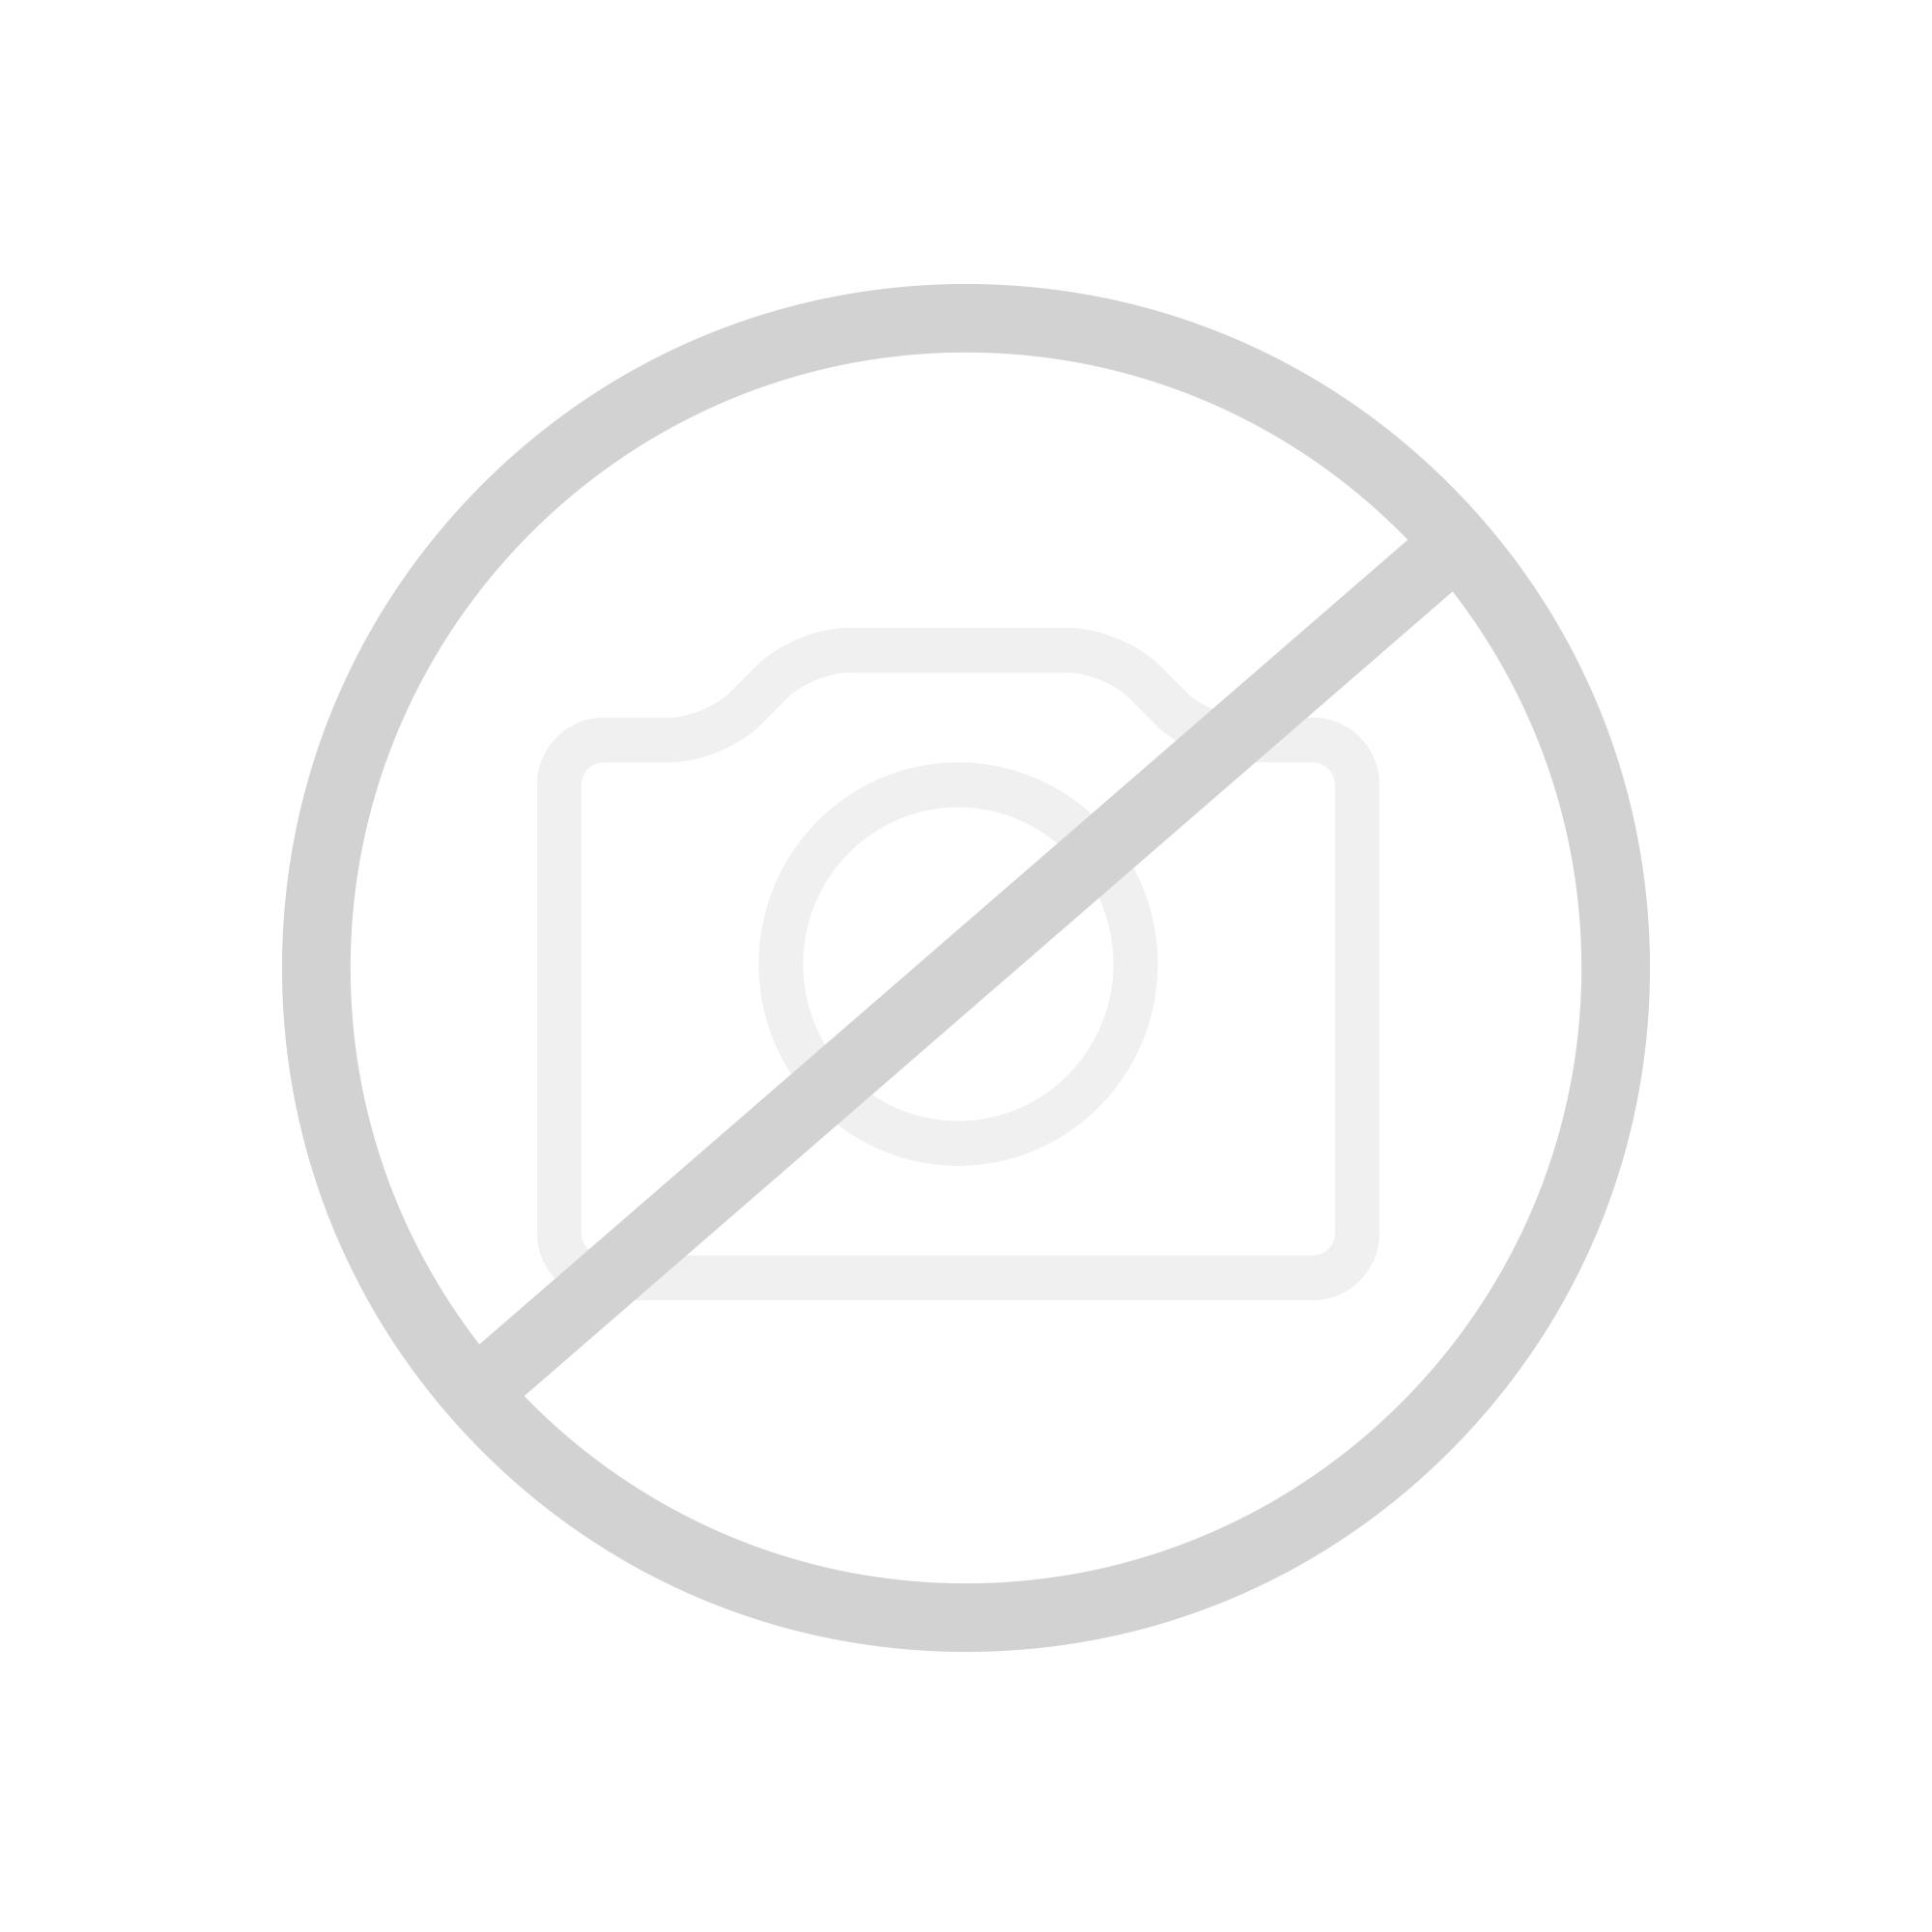 dornbracht madison flair waschtisch dreilochbatterie. Black Bedroom Furniture Sets. Home Design Ideas